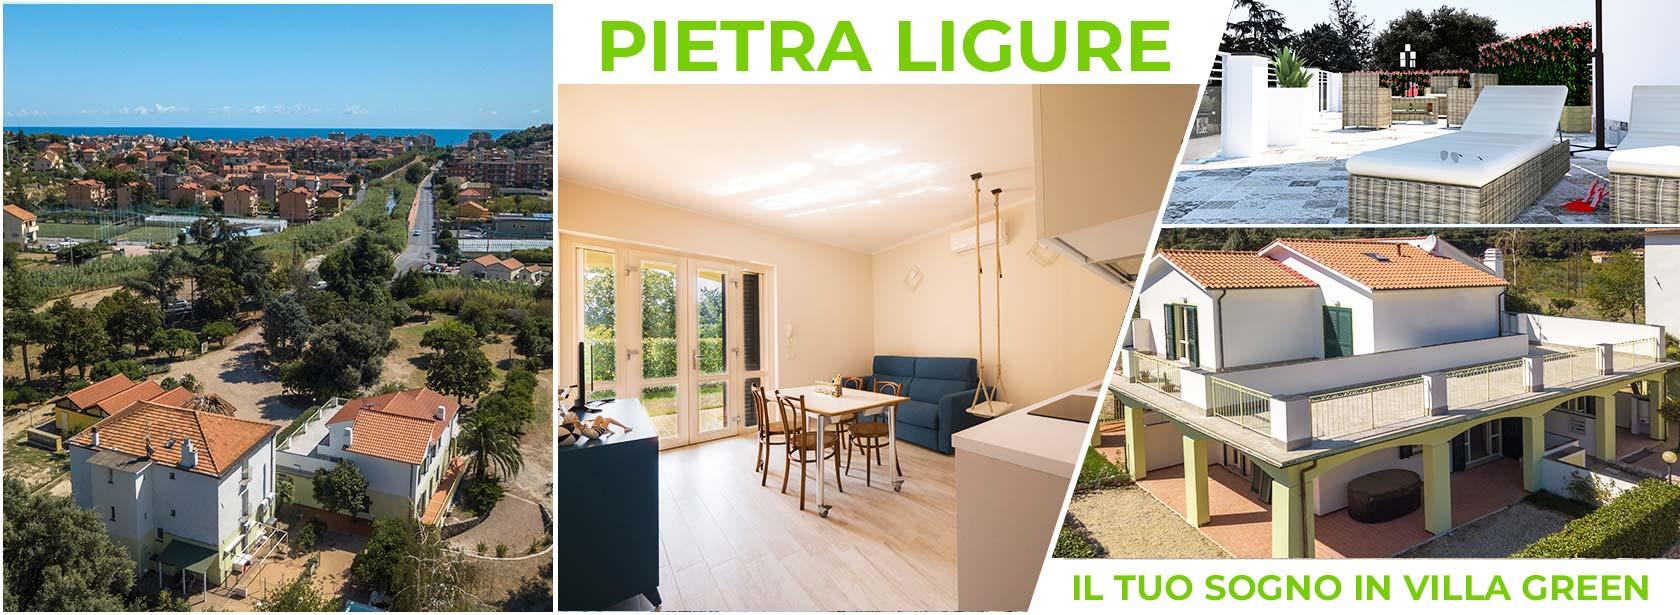 Bilocali e trilocali in villa a Pietra Ligure